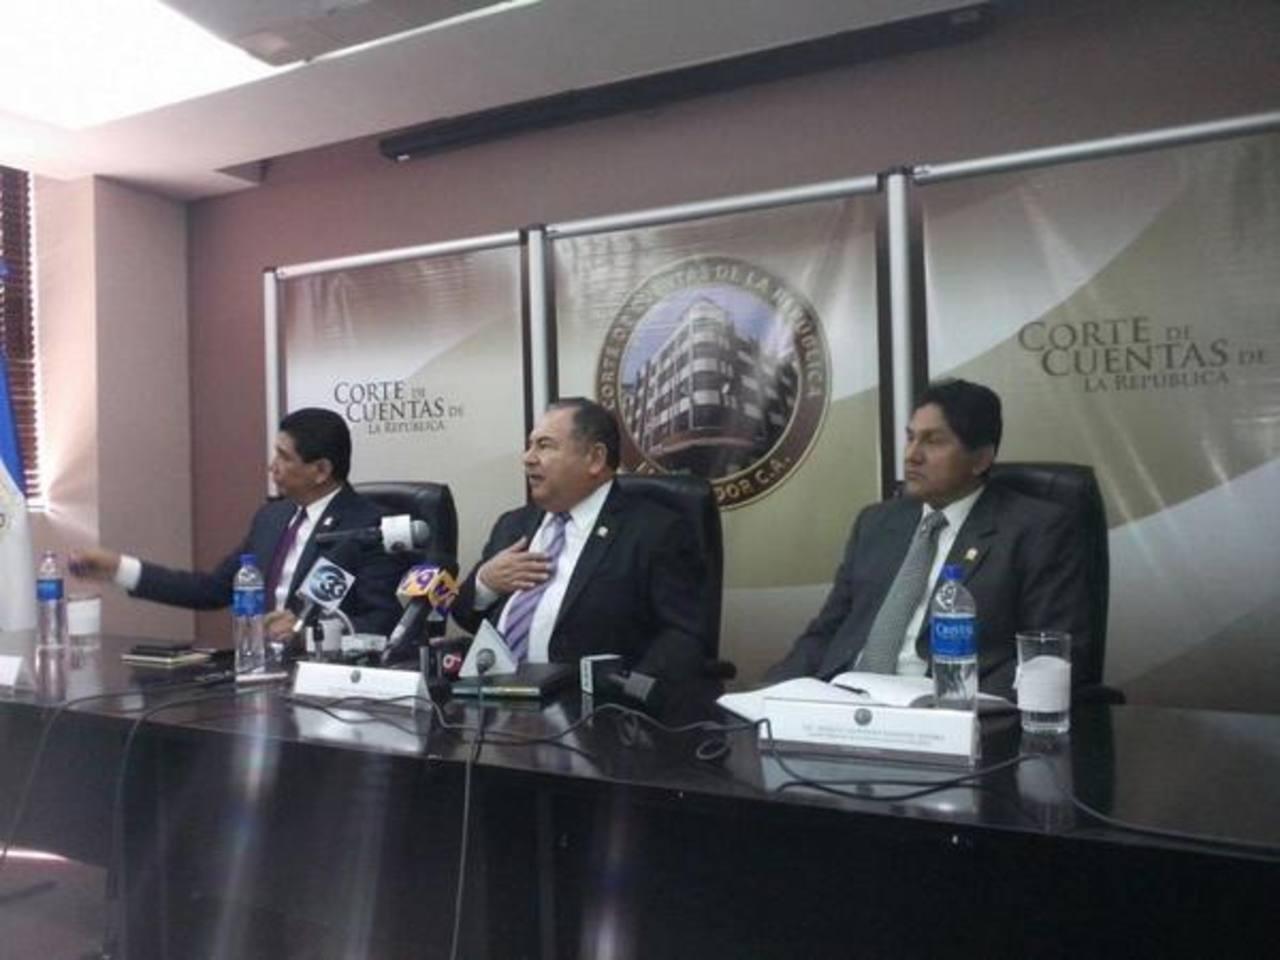 Los nuevos funcionario de la Corte de Cuentas dieron su primer conferencia informativa hoy.